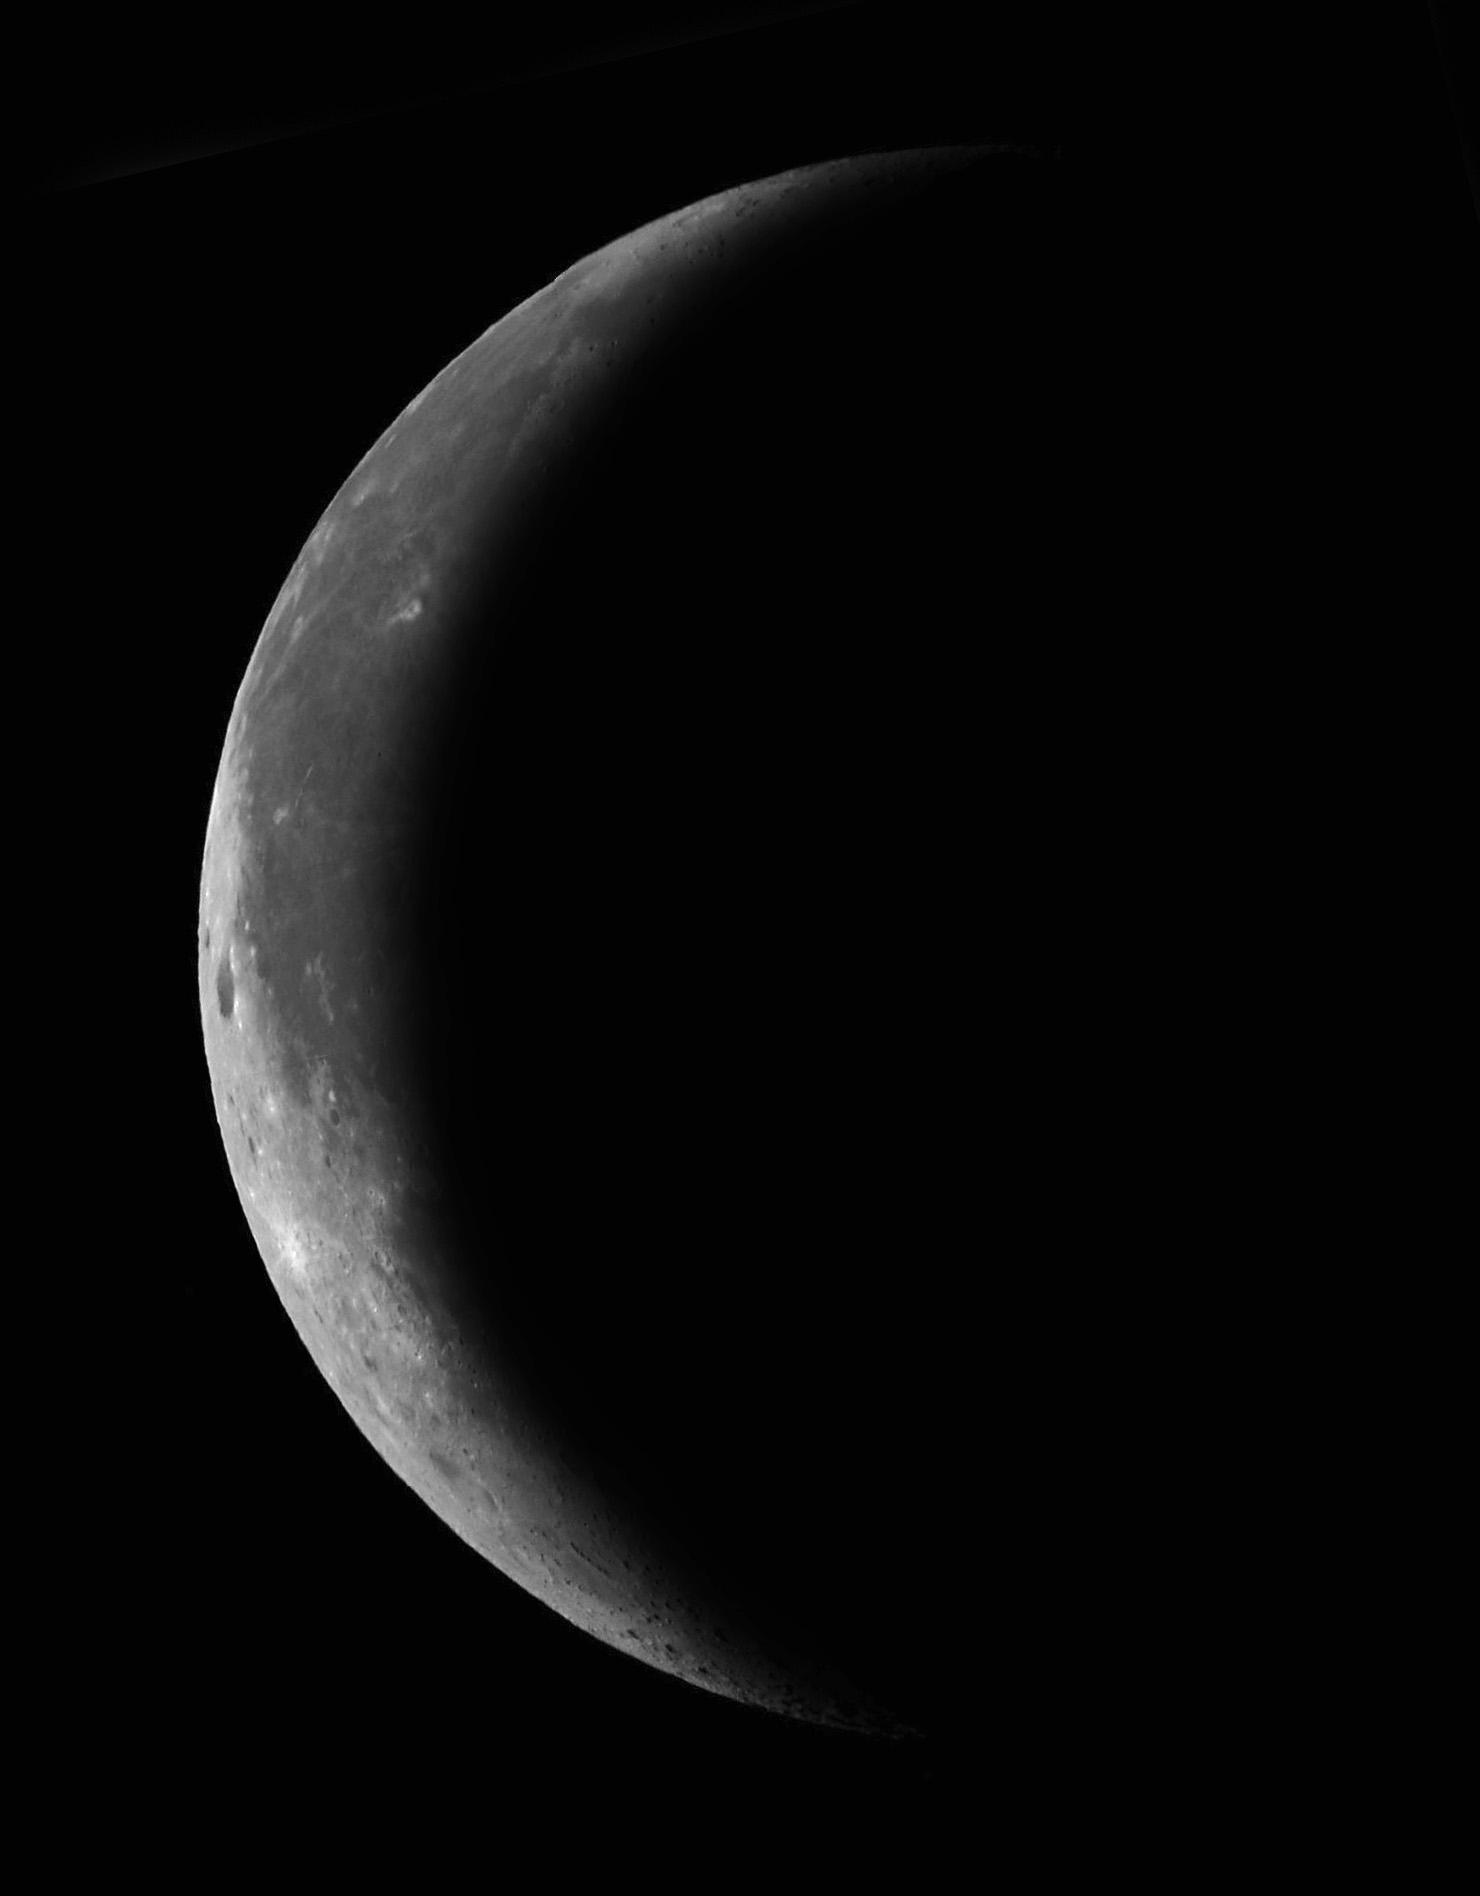 Spicchio di luna calante